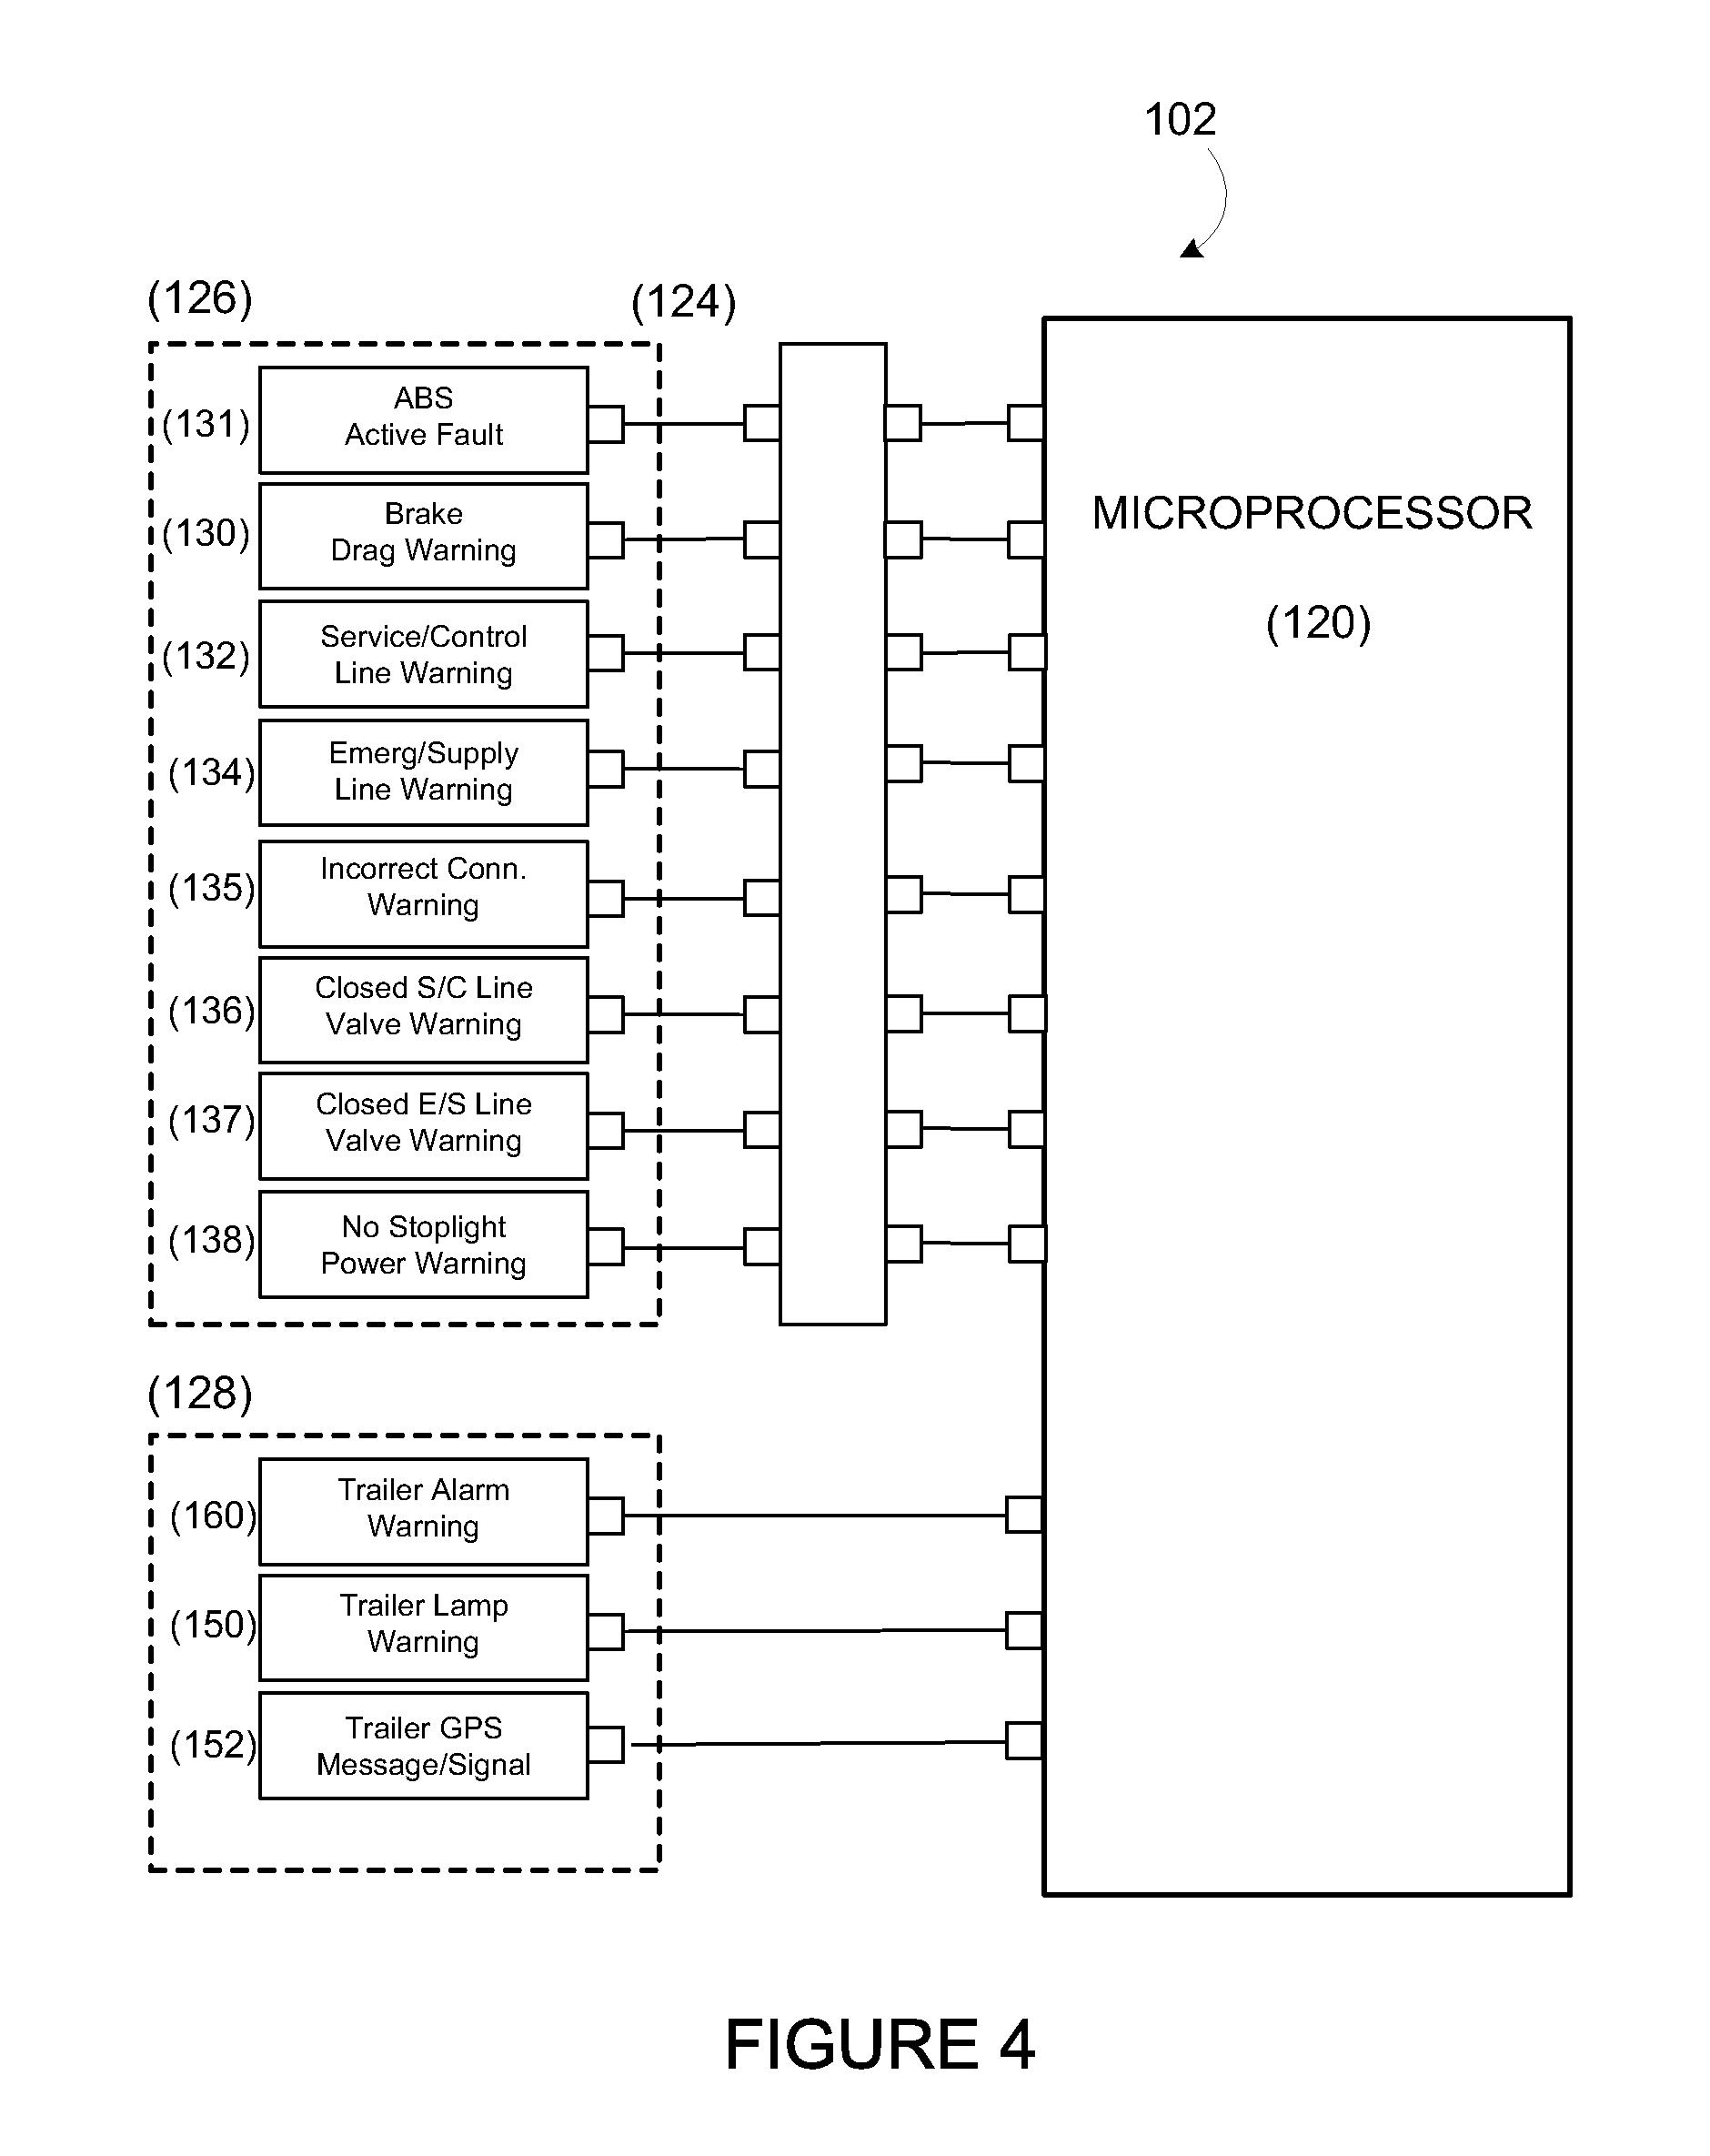 Haldex Plc Wiring Diagram : Patent us brake monitoring system google